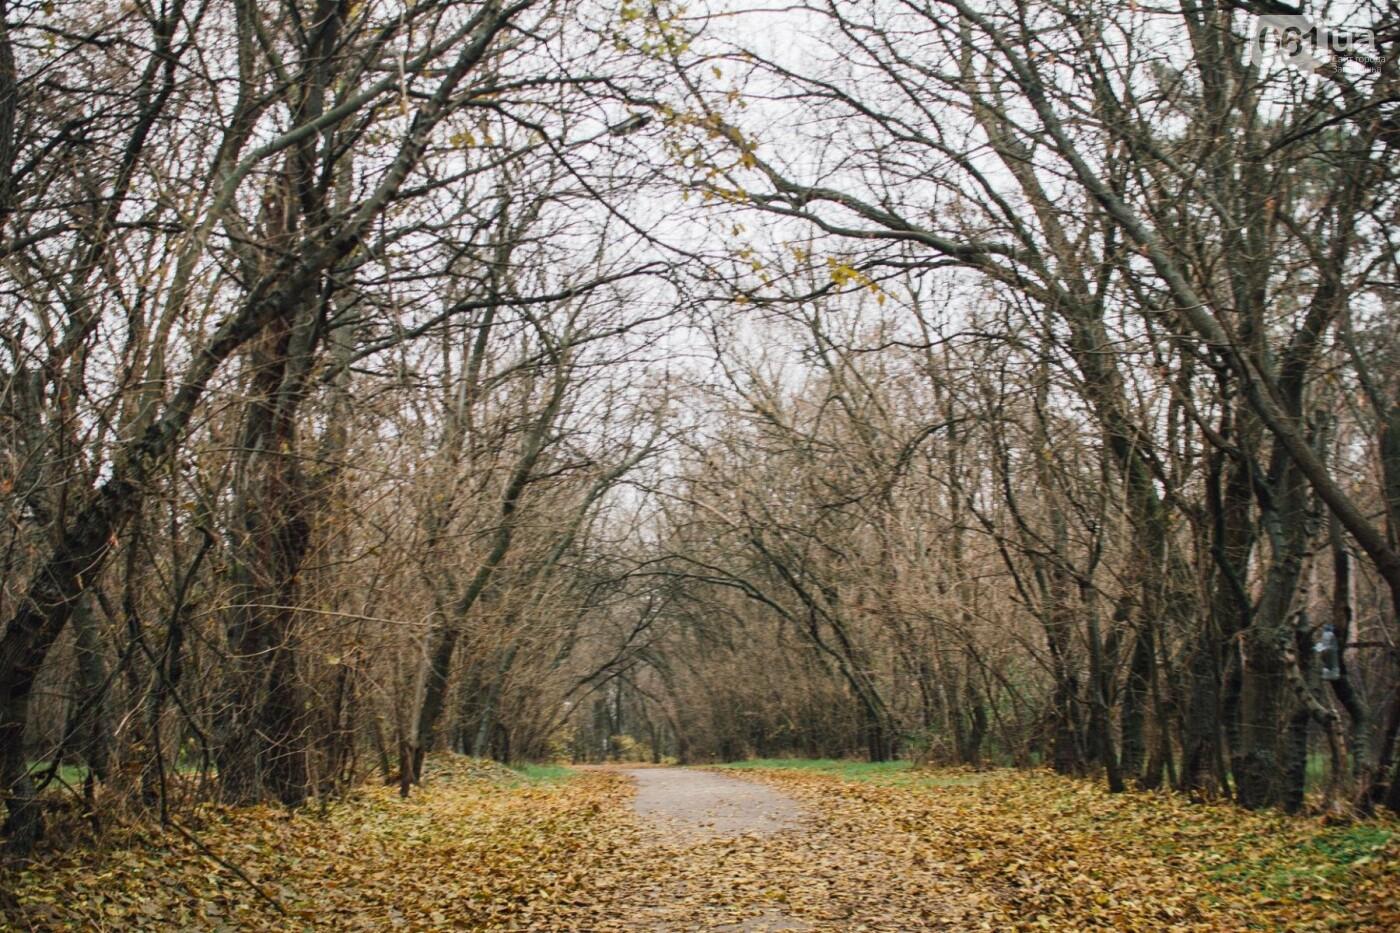 Четыре дня до зимы: как выглядит Хортица поздней осенью, - ФОТОРЕПОРТАЖ, фото-41